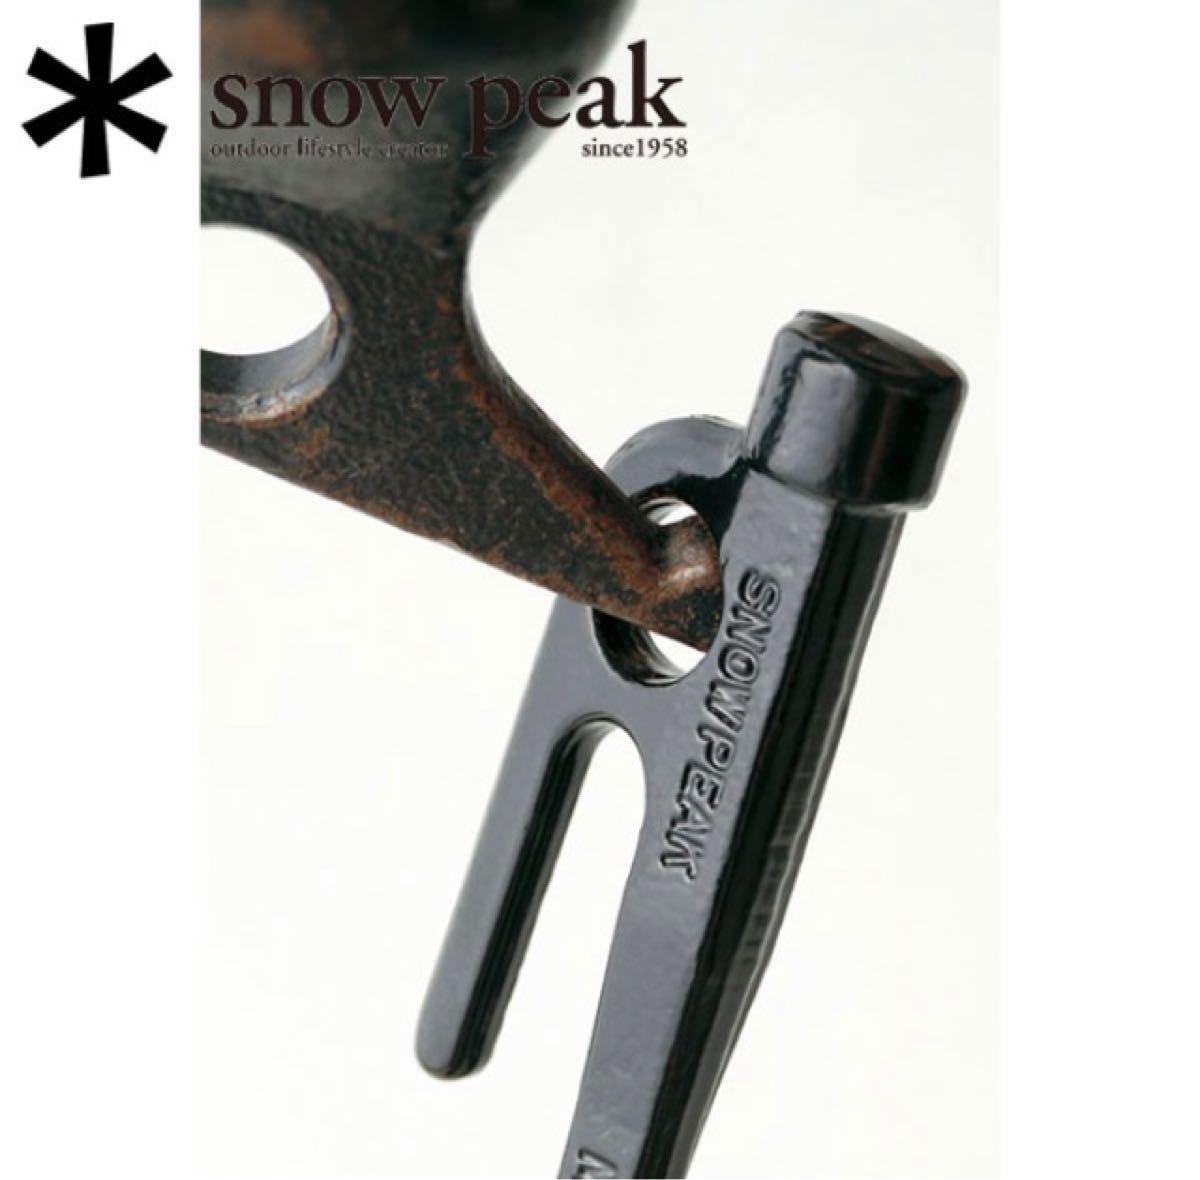 スノーピーク ペグ ソリッドステーク 30 R-103 snowpeak x20本